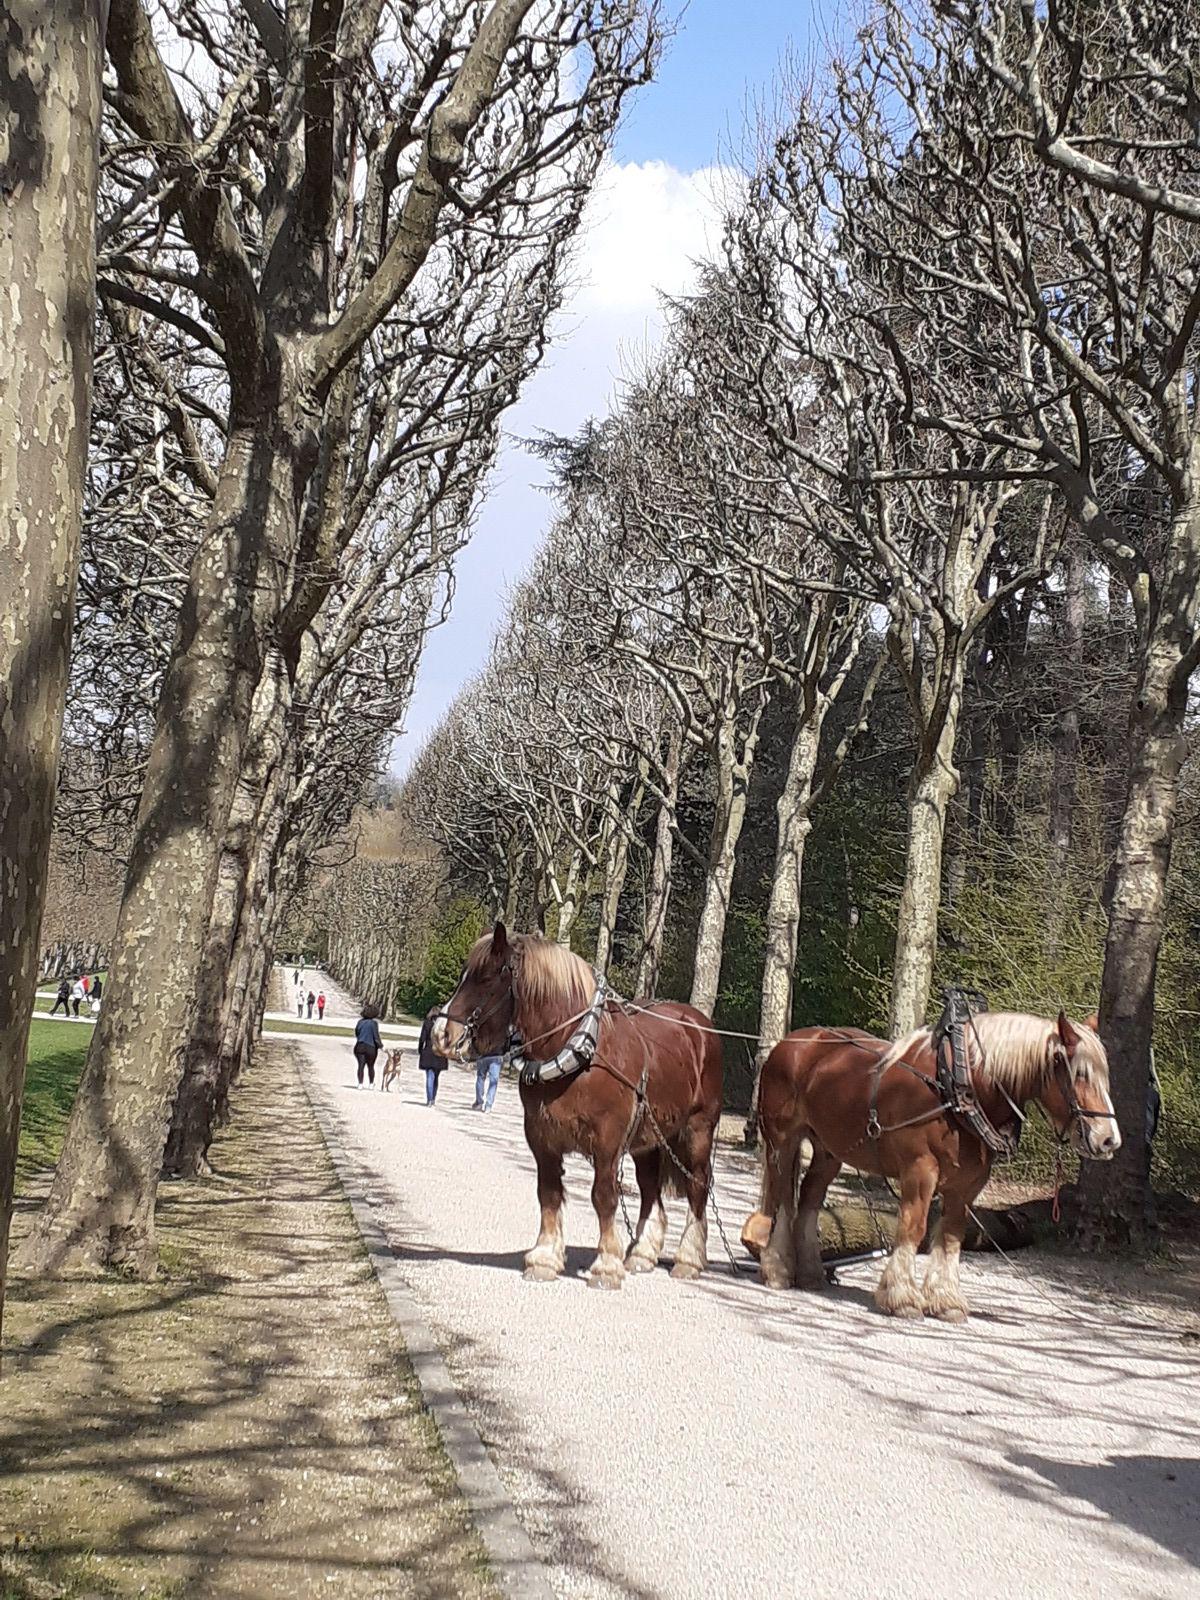 Chemin faisant, rencontre avec les chevaux et les bûcherons